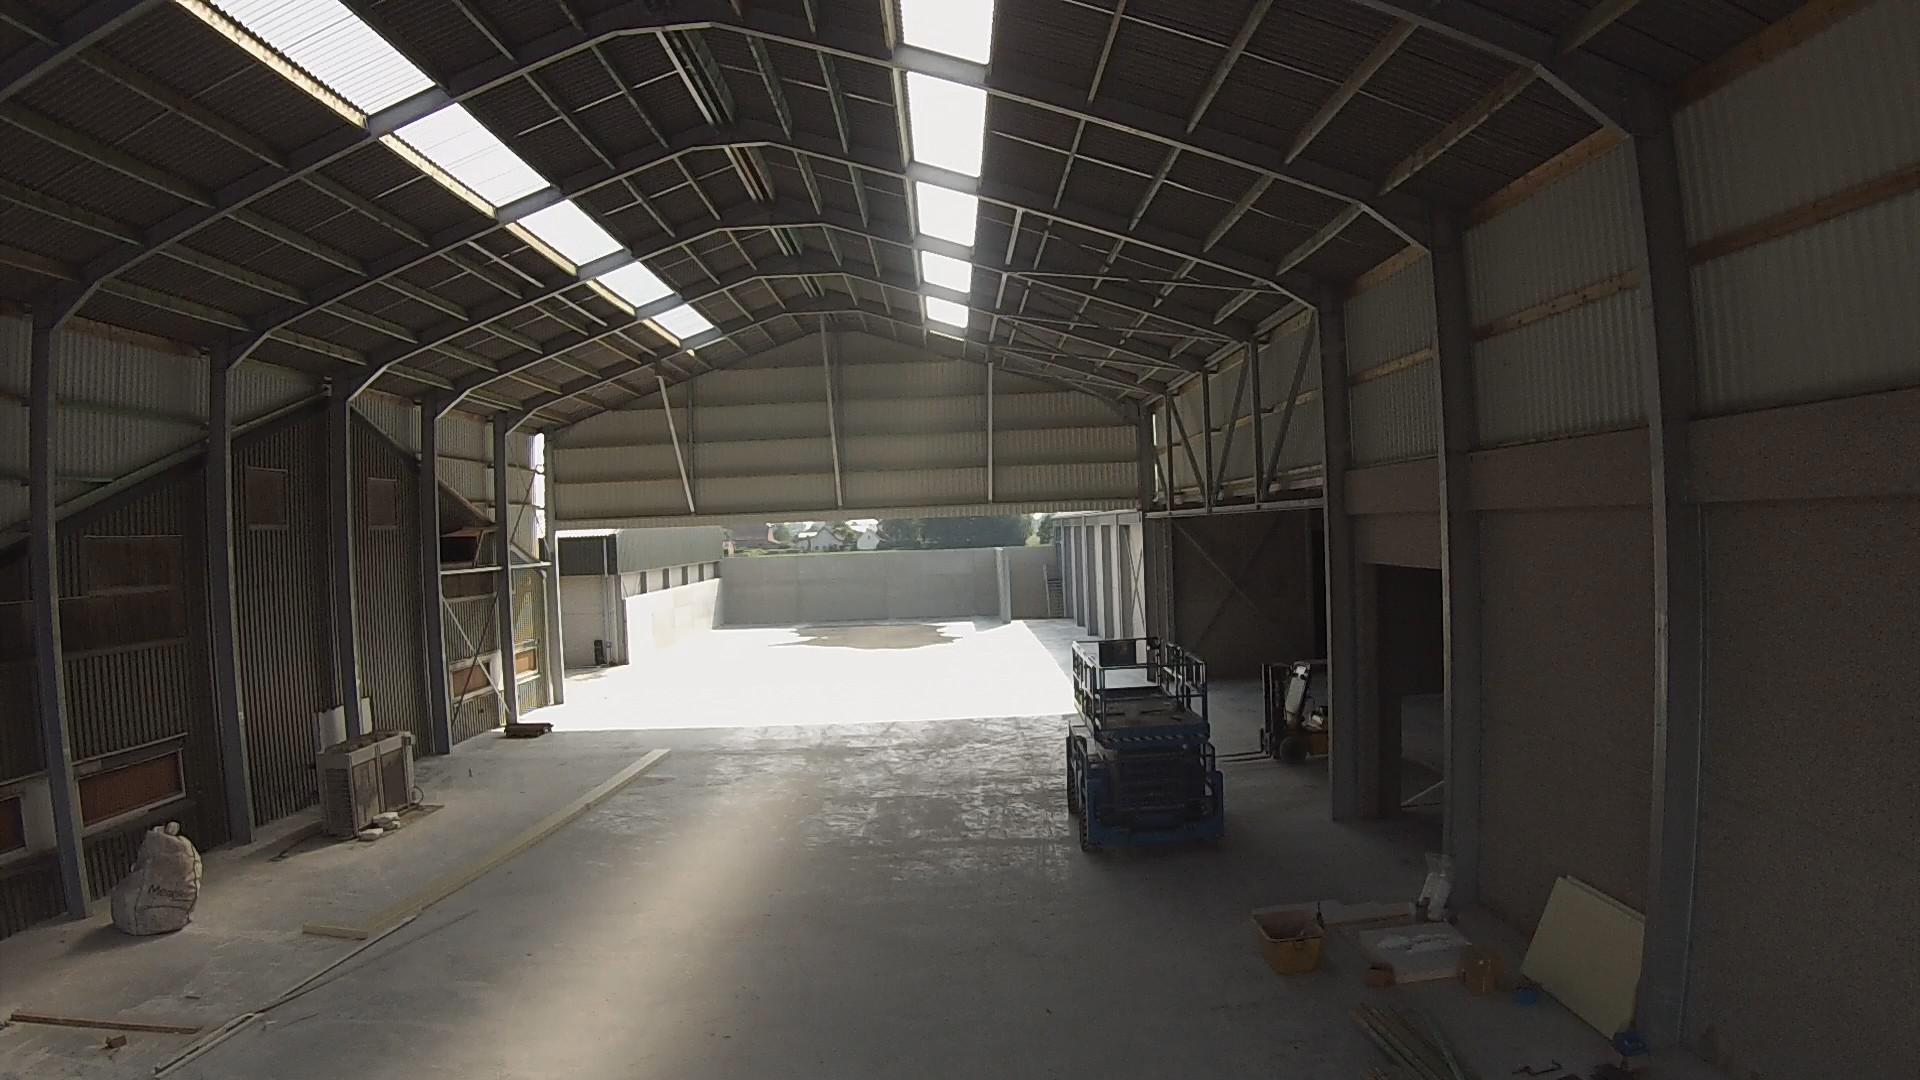 Thielman bvba_aardappelloods_aardappelopslagloods_Hangar pommes de terre_Meerdonk (3).jpg